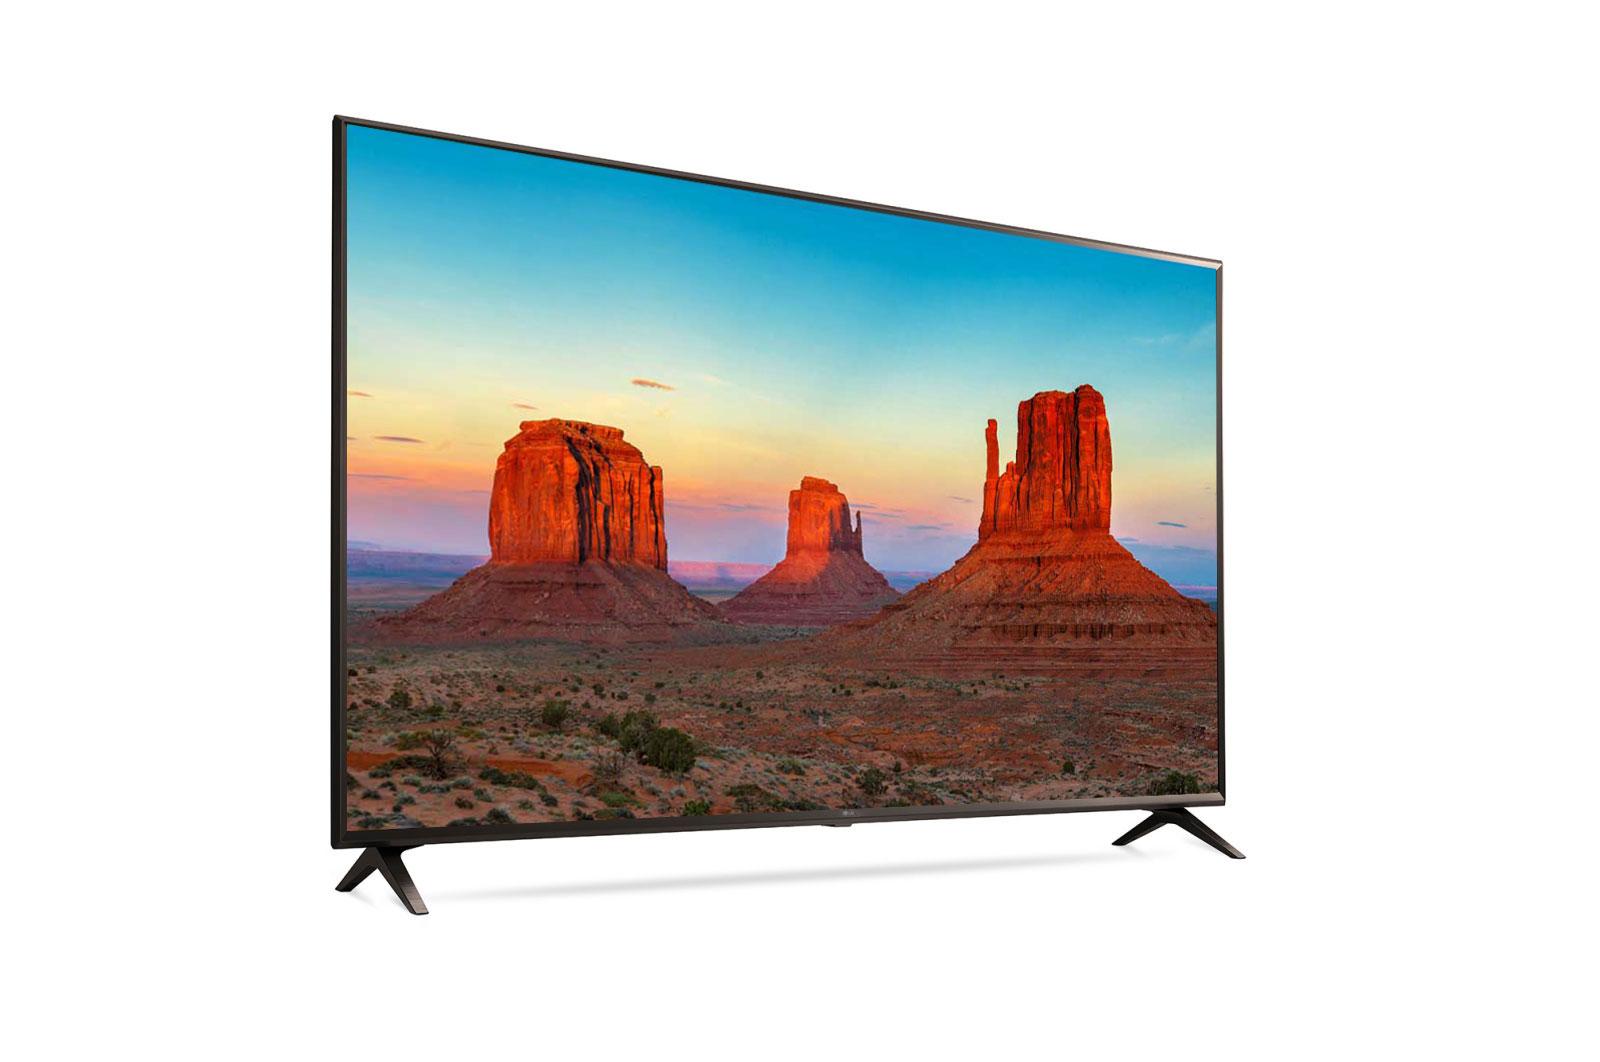 LG UHD TV 49 inch 49UK6320 Model